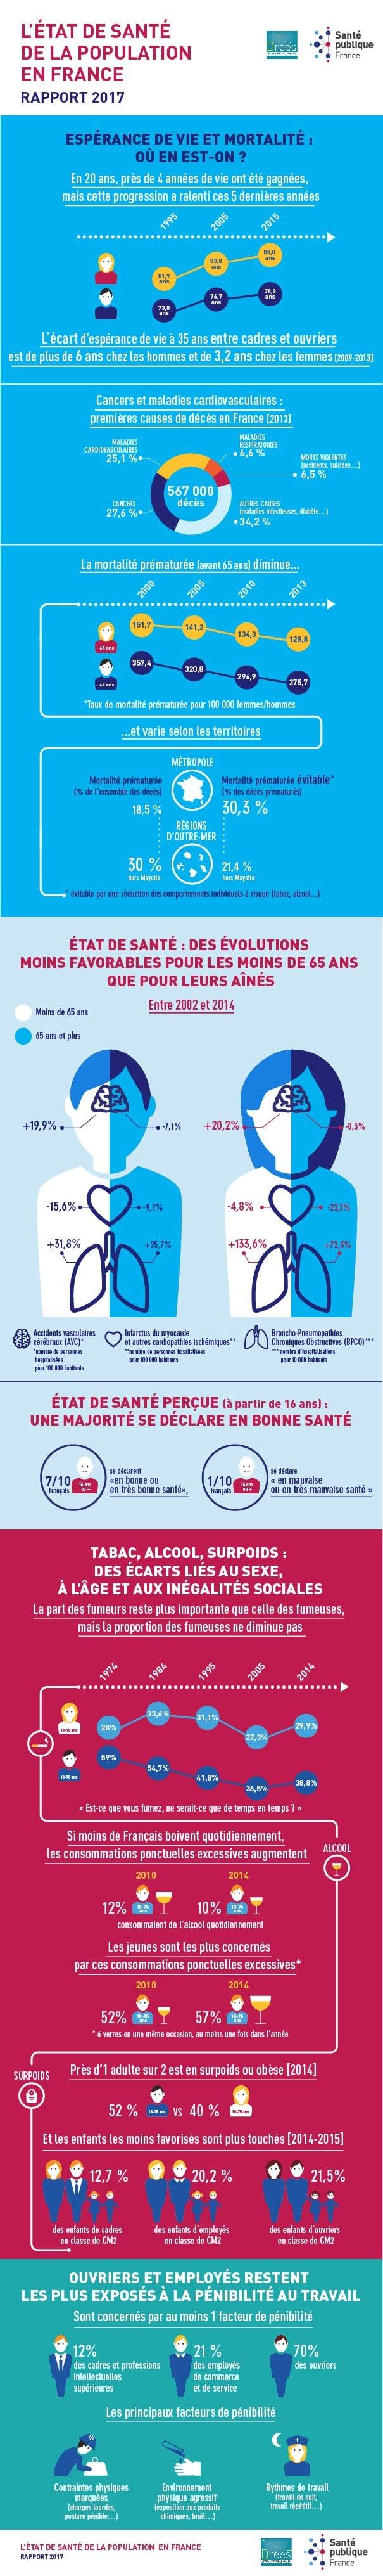 Infographie état de santé des français